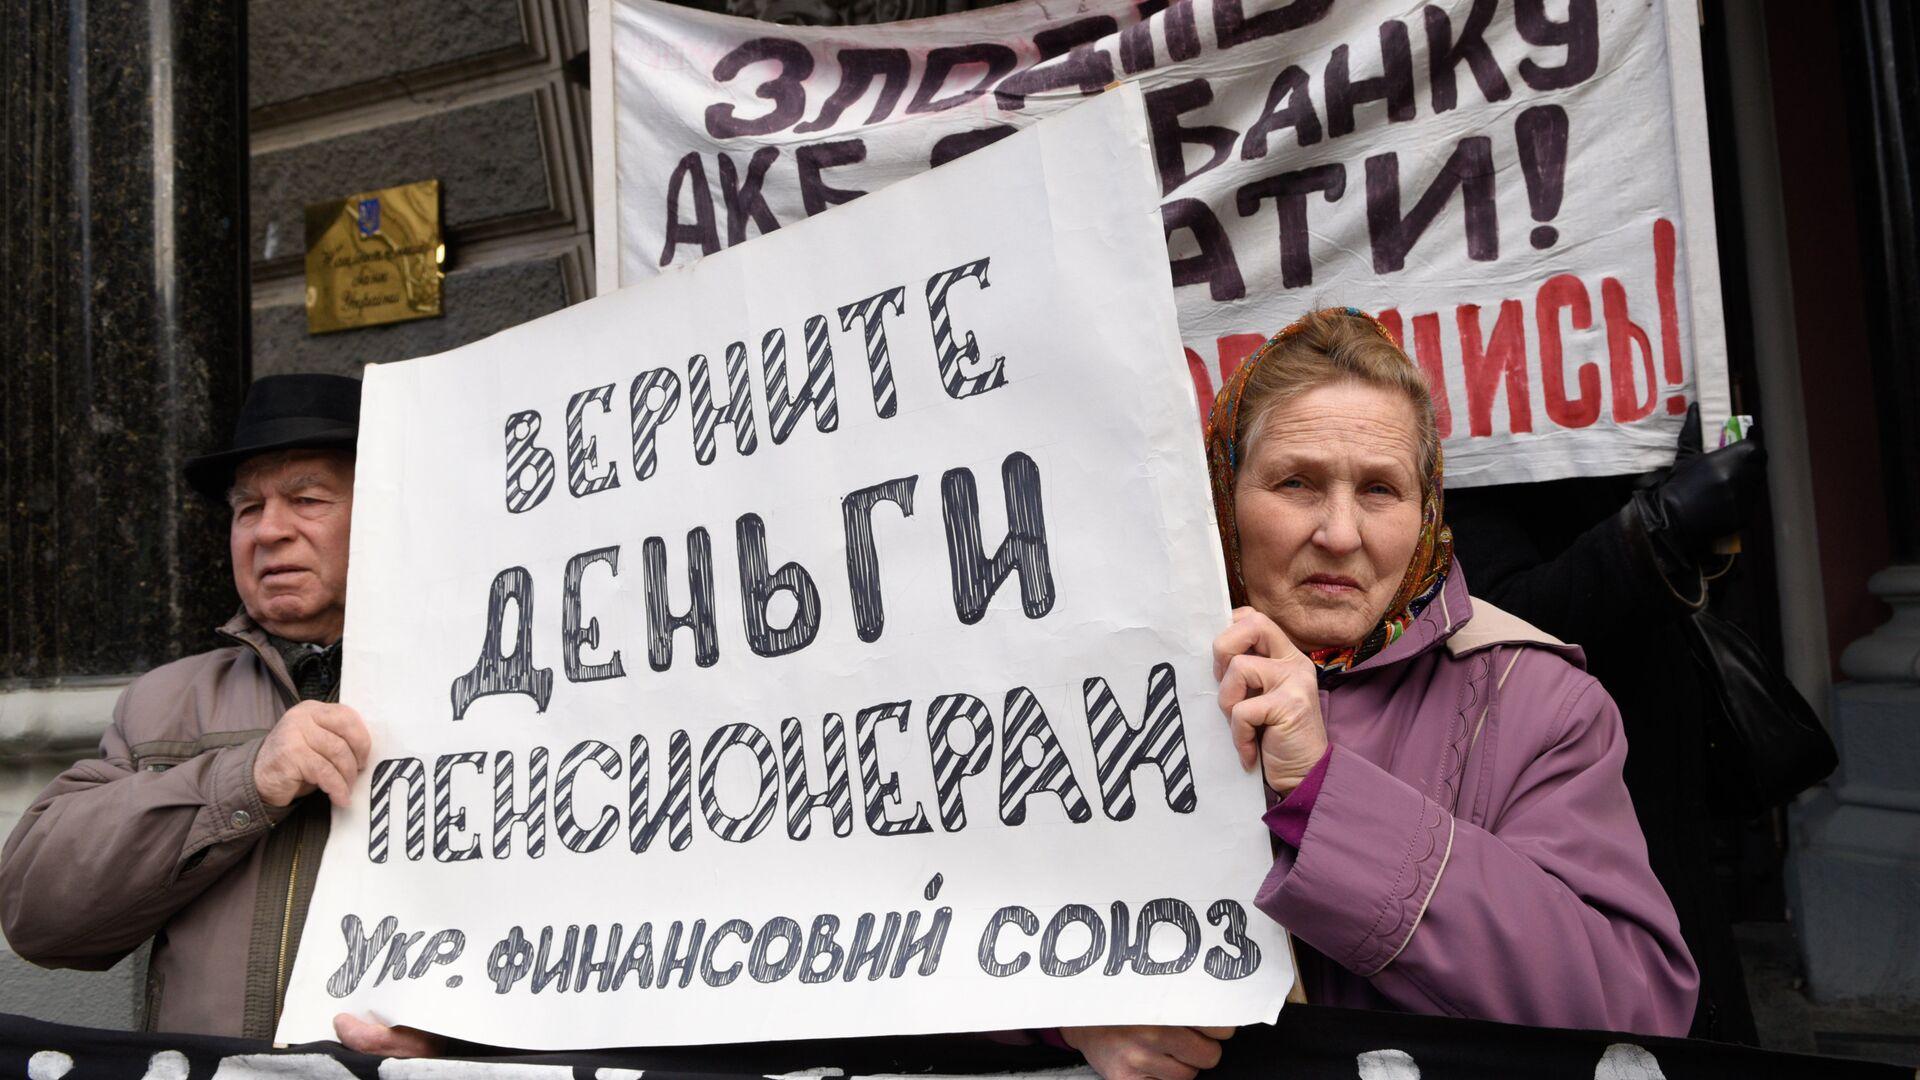 Митинг у здания Национального банка Украины против экономической политики - РИА Новости, 1920, 11.10.2020